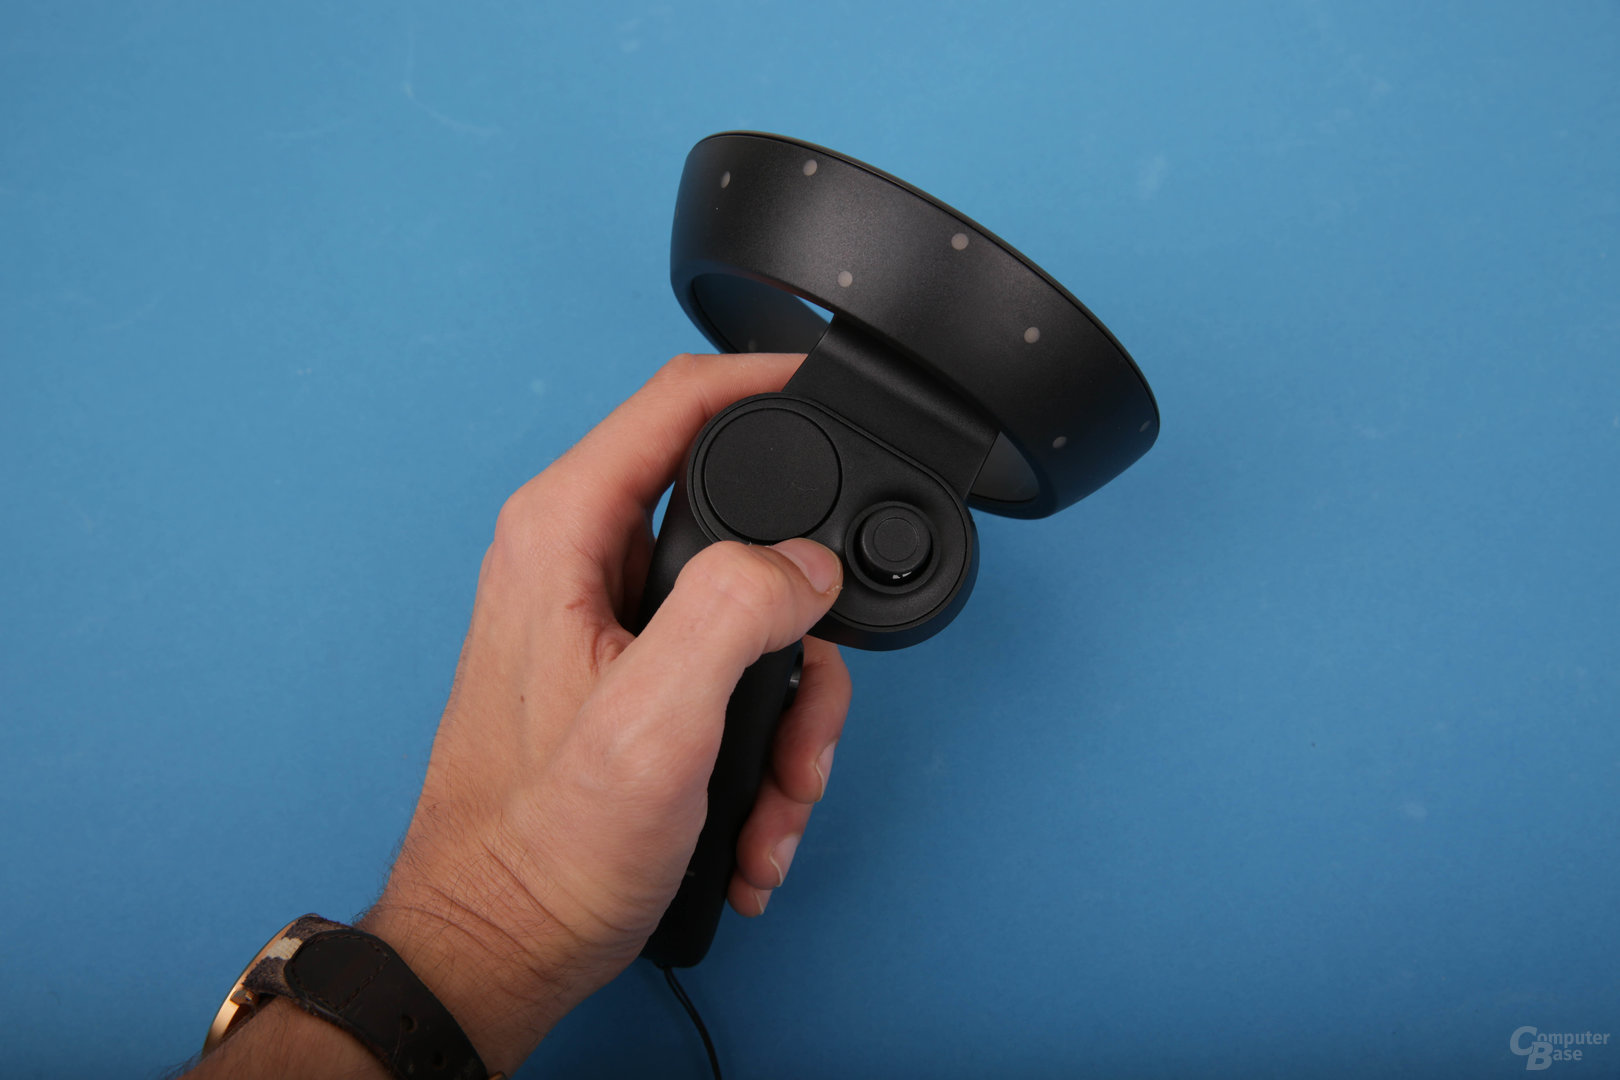 Gute Ergonomie, aber Oculus Touch bleibt führend